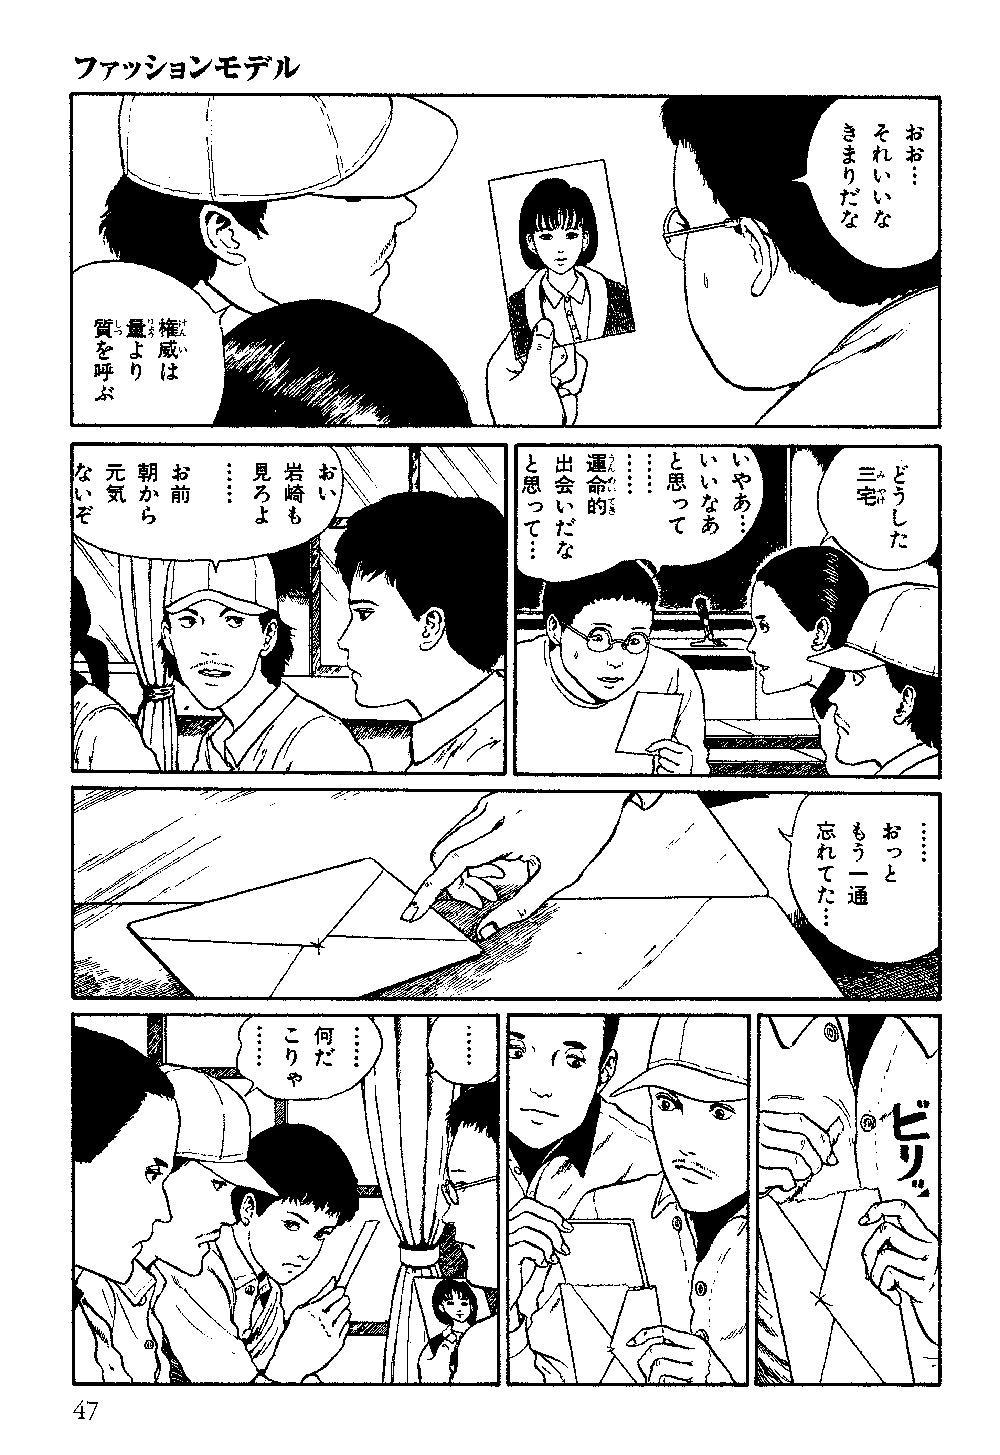 itouj_0006_0049.jpg